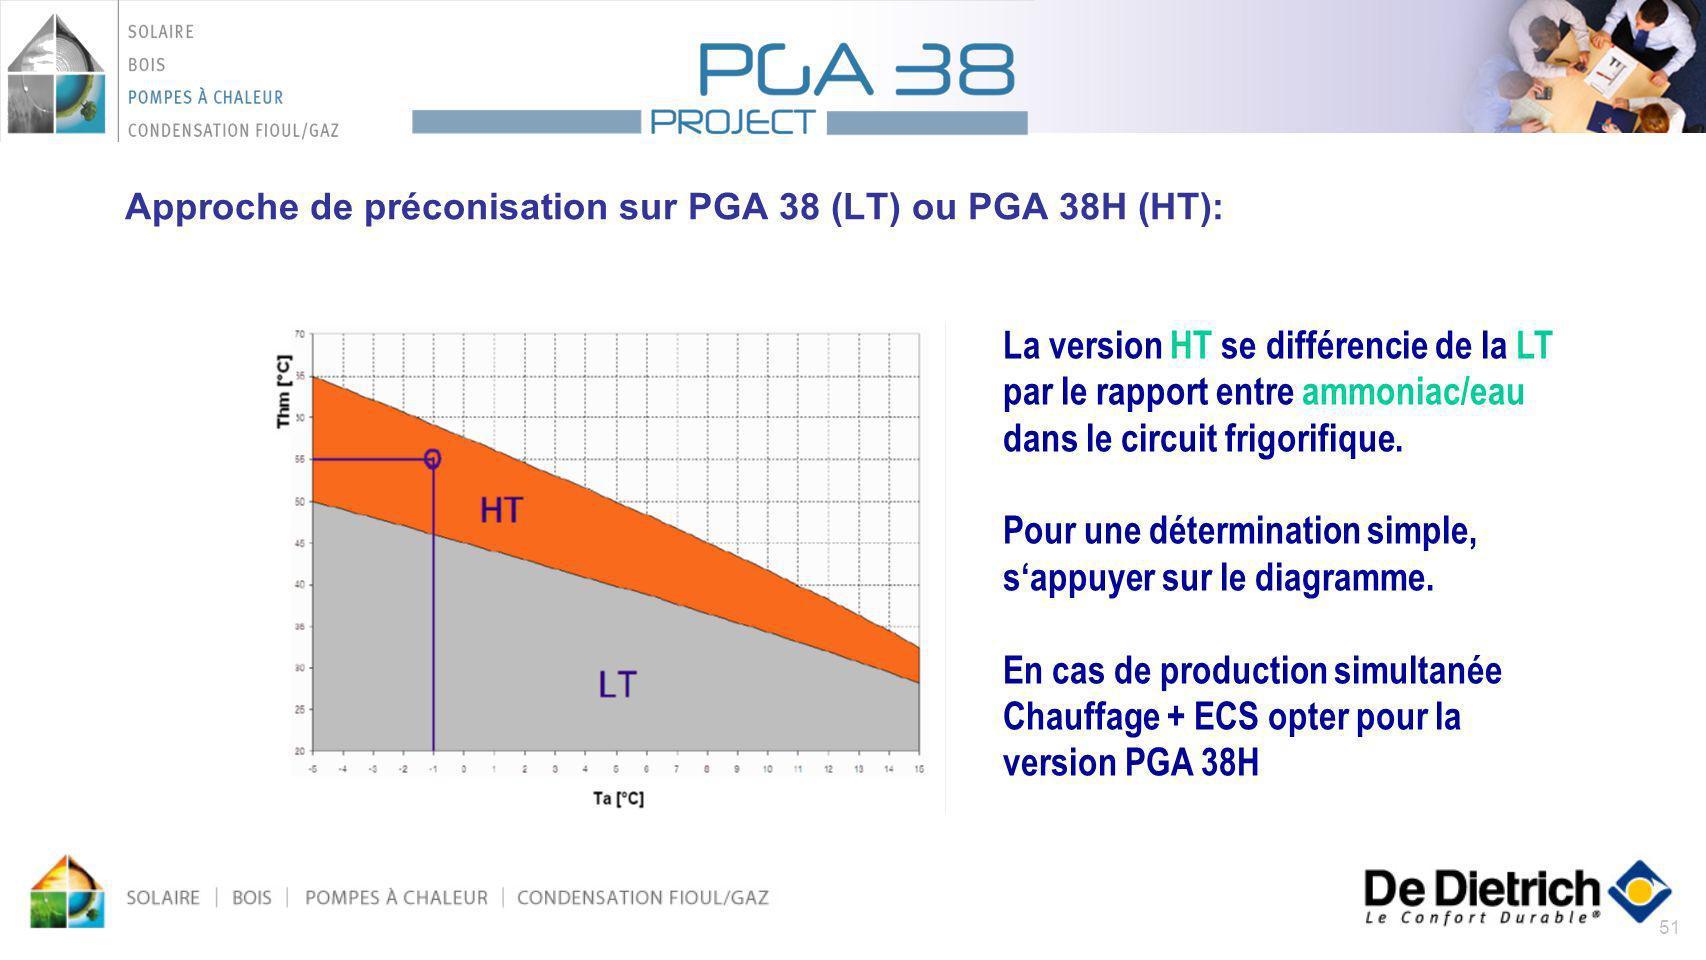 Approche de préconisation sur PGA 38 (LT) ou PGA 38H (HT):